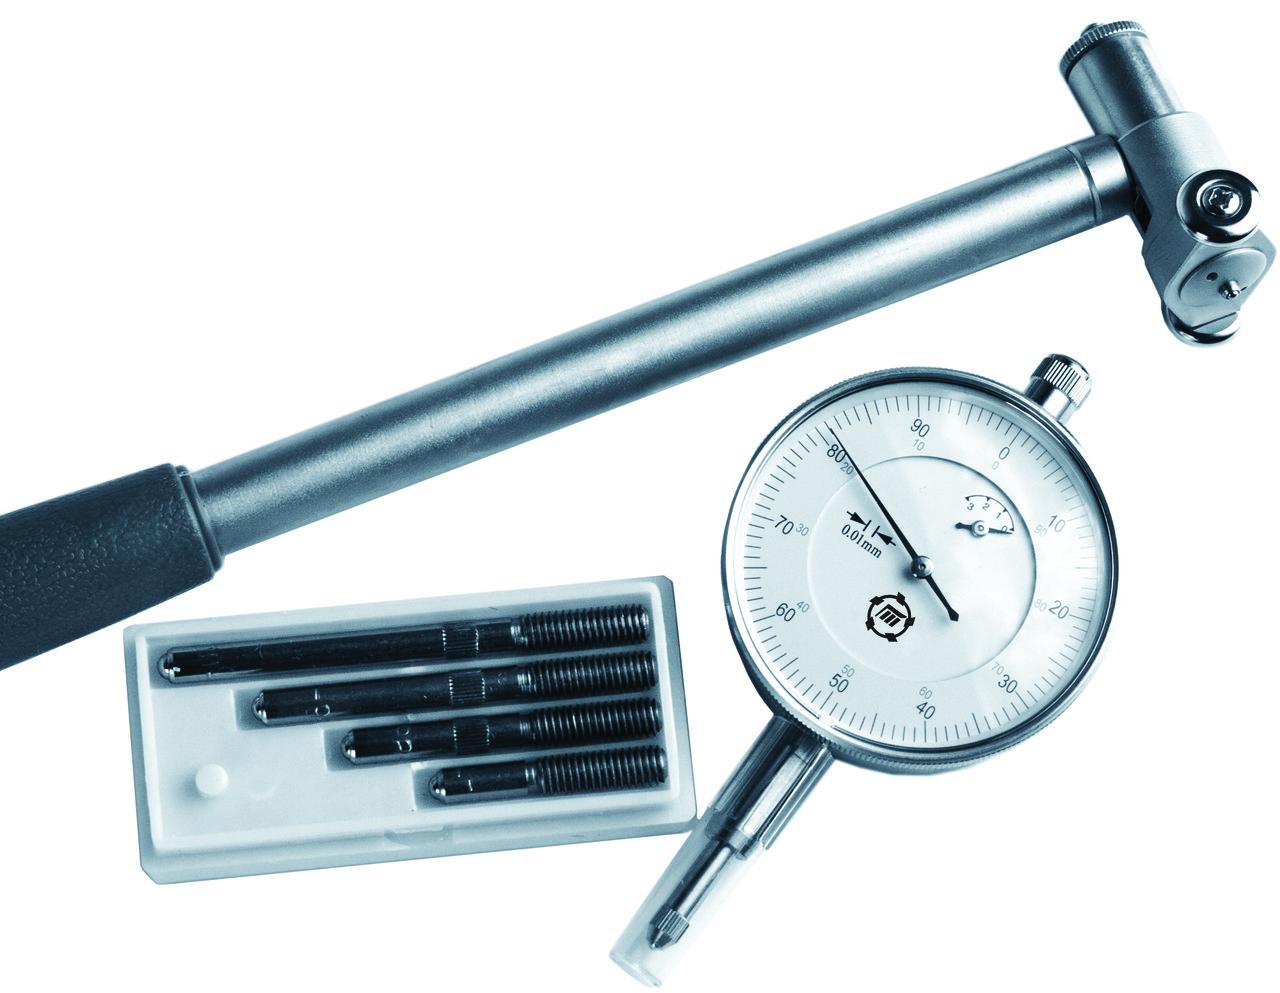 Нутромер НИ 100-160 мм, индикаторный (Туламаш) - Измерительный и металлорежущий инструмент в Киеве